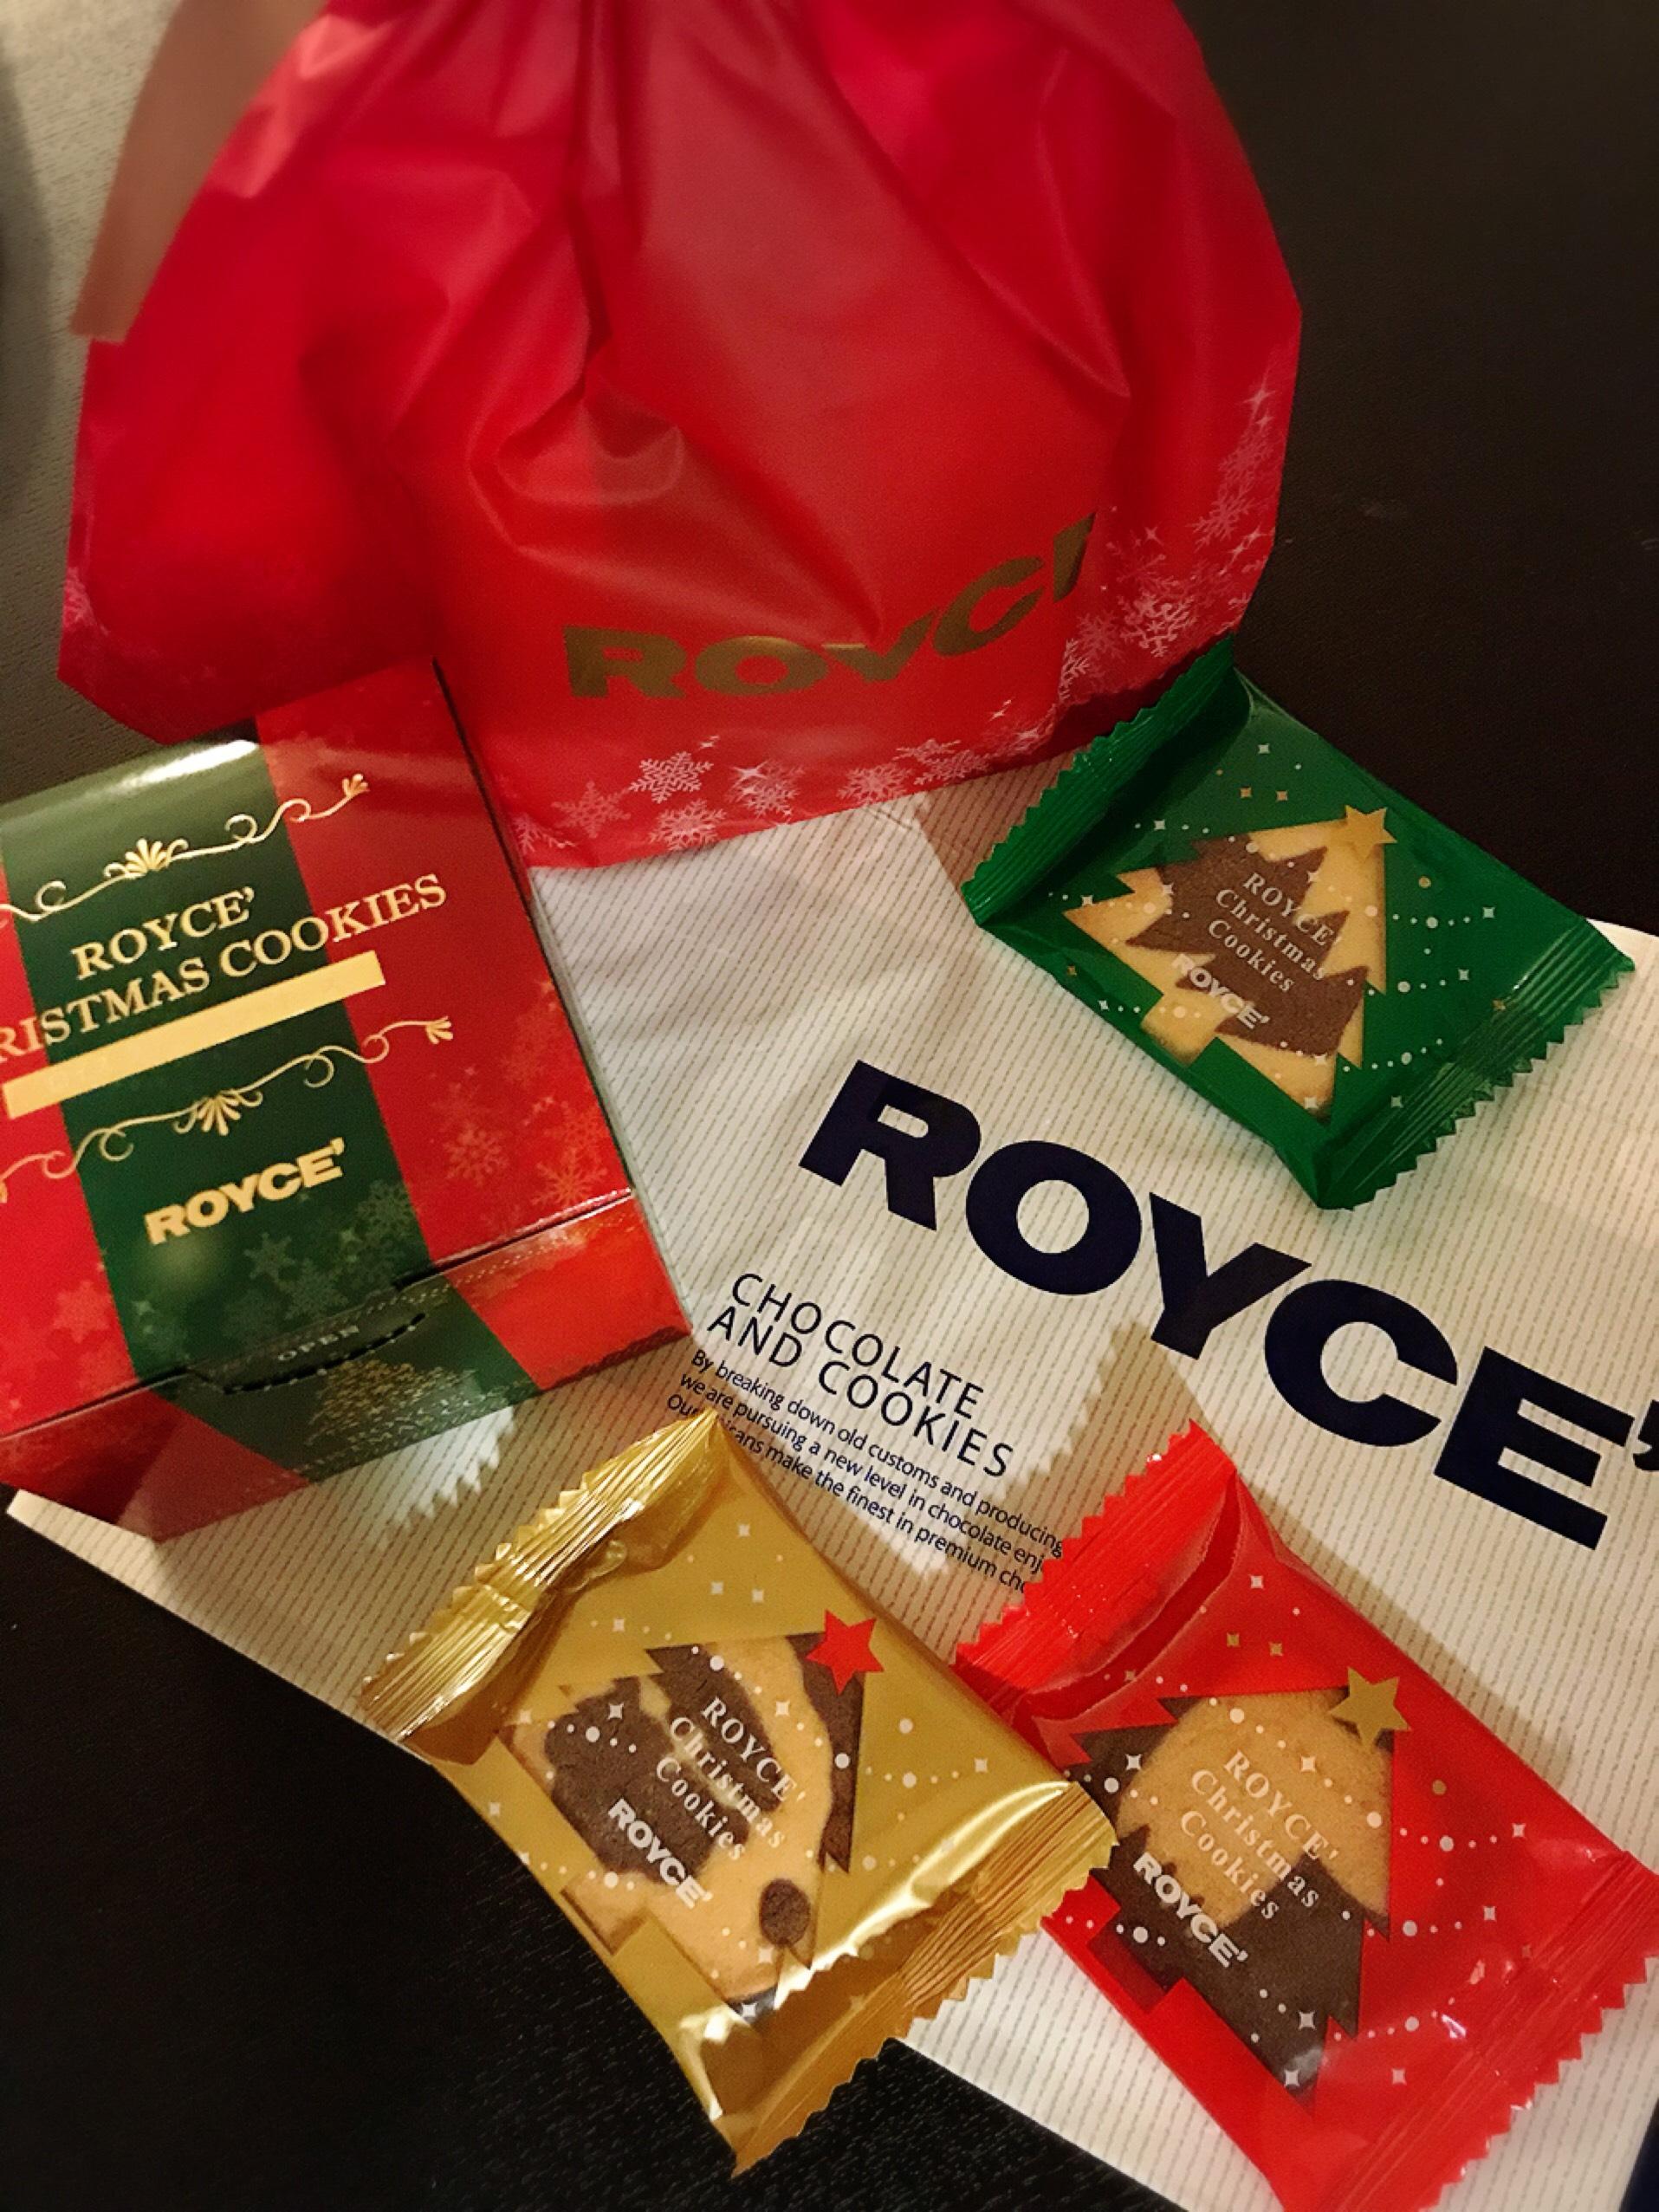 クリスマス!秘書のおススメ♪お取寄せしてでも食べたいチョコレート!